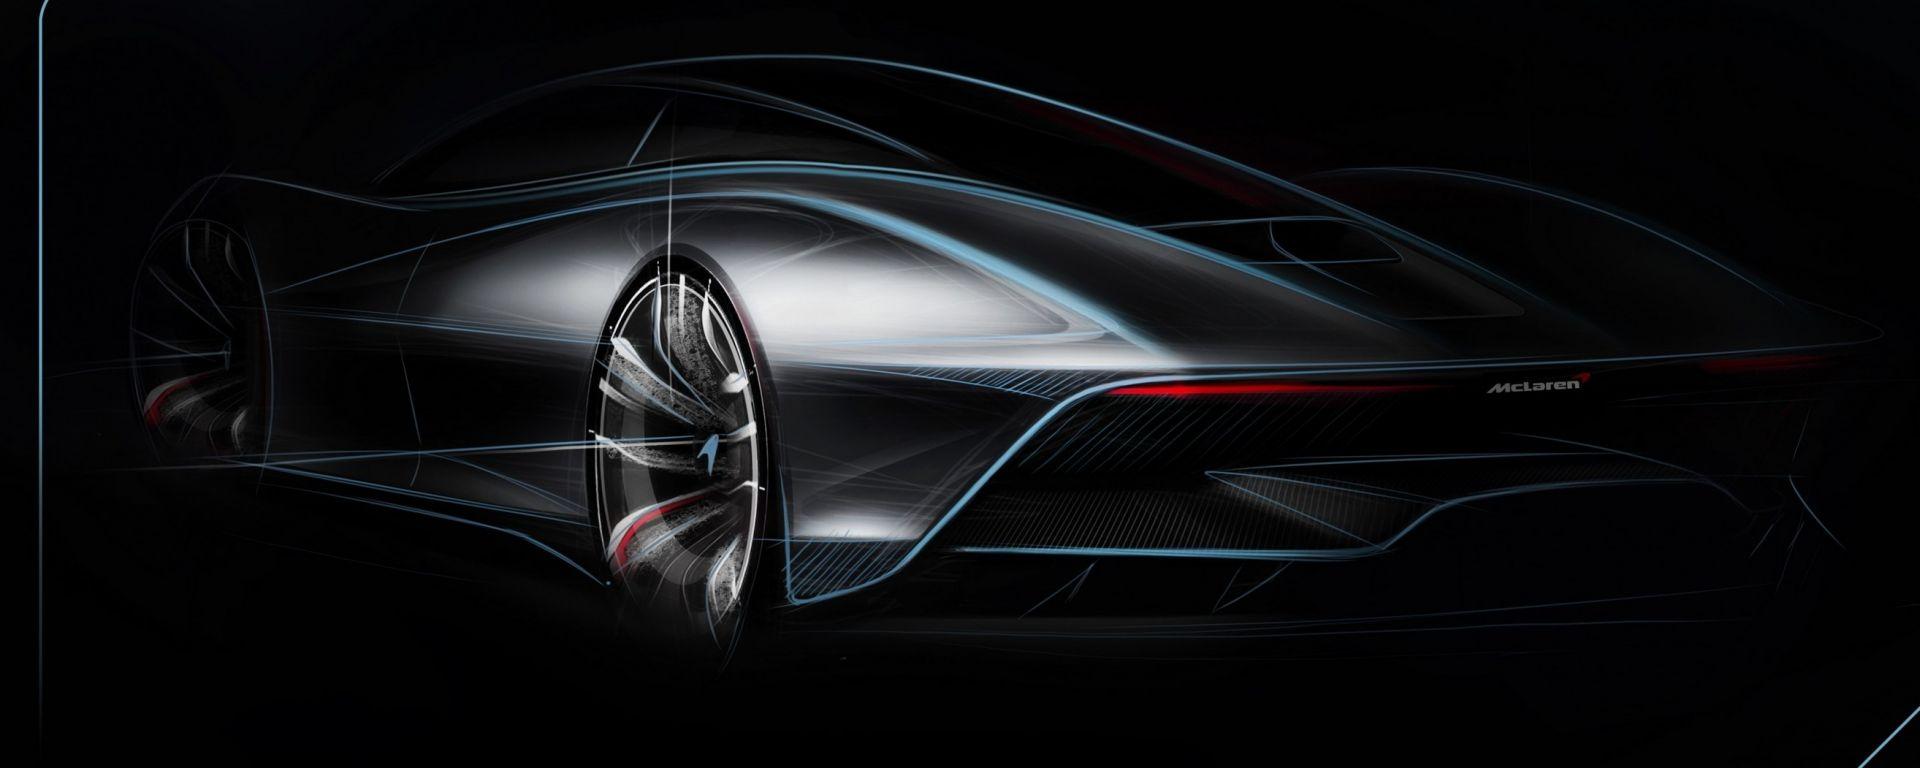 McLaren BP23: il bozzetto della prossima hypercar di Woking